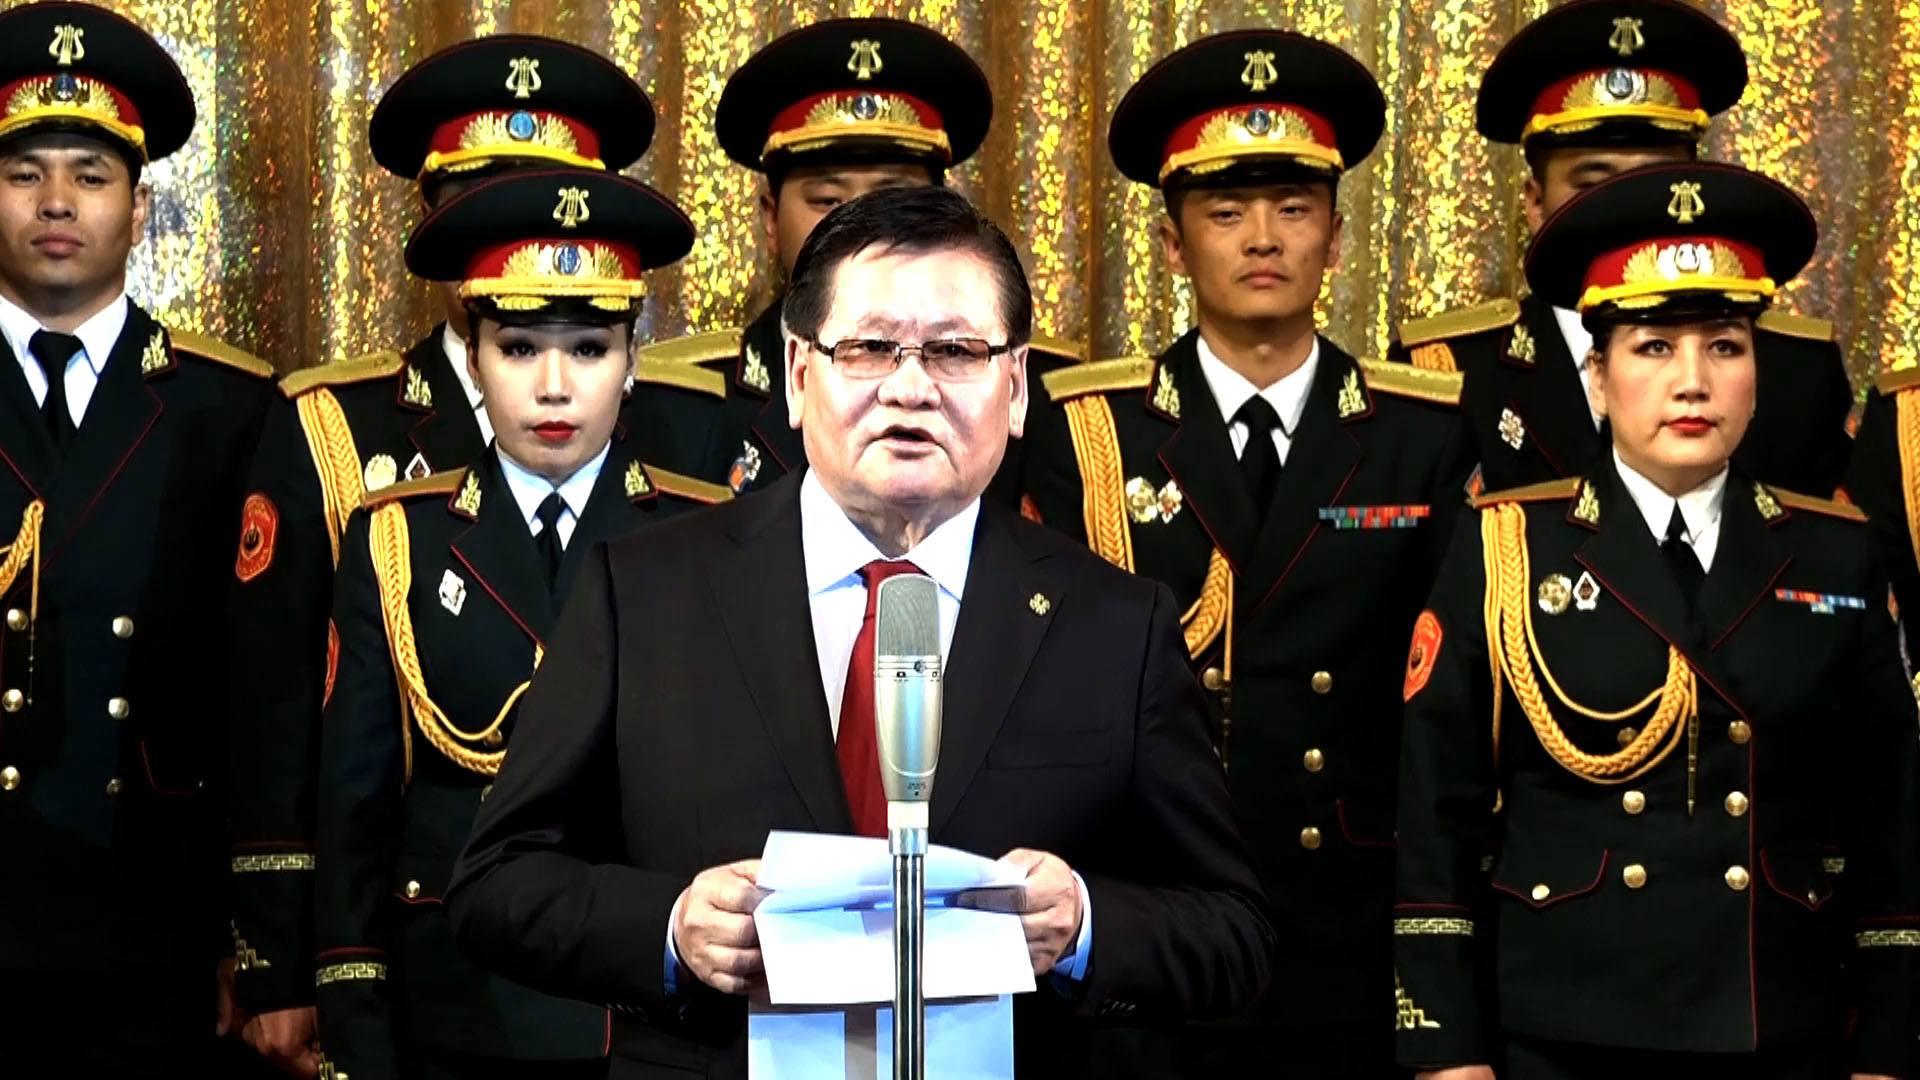 Монгол Улсын Шадар сайд Ө.Энхтүвшин Төрийн хүндэтгэлийн концертыг нээж үг хэллээ